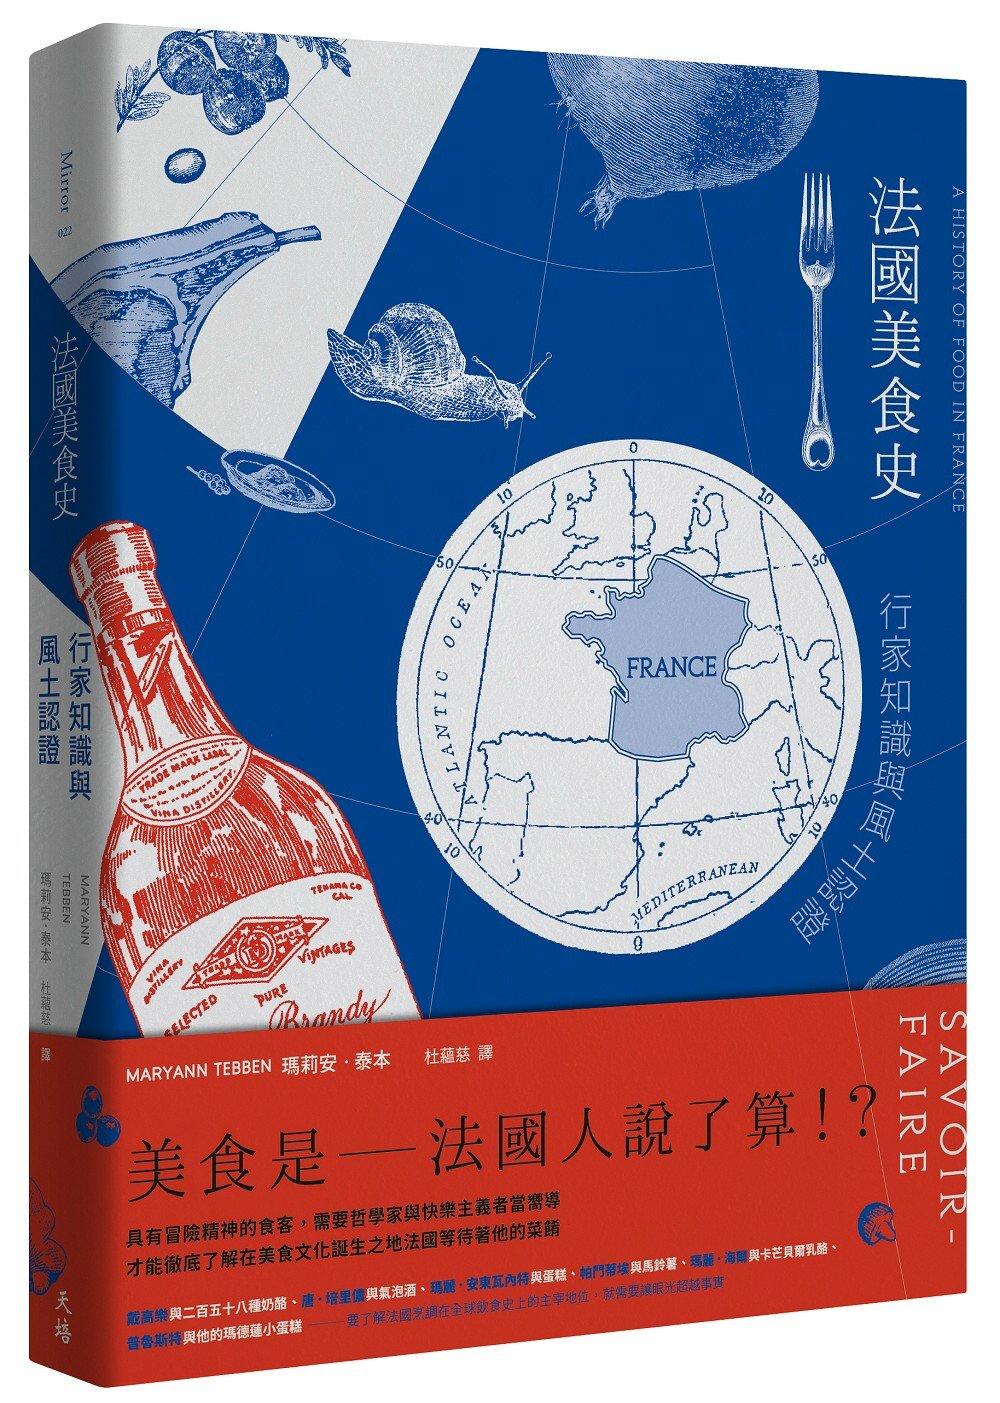 法國美食史:行家知識與風土認證